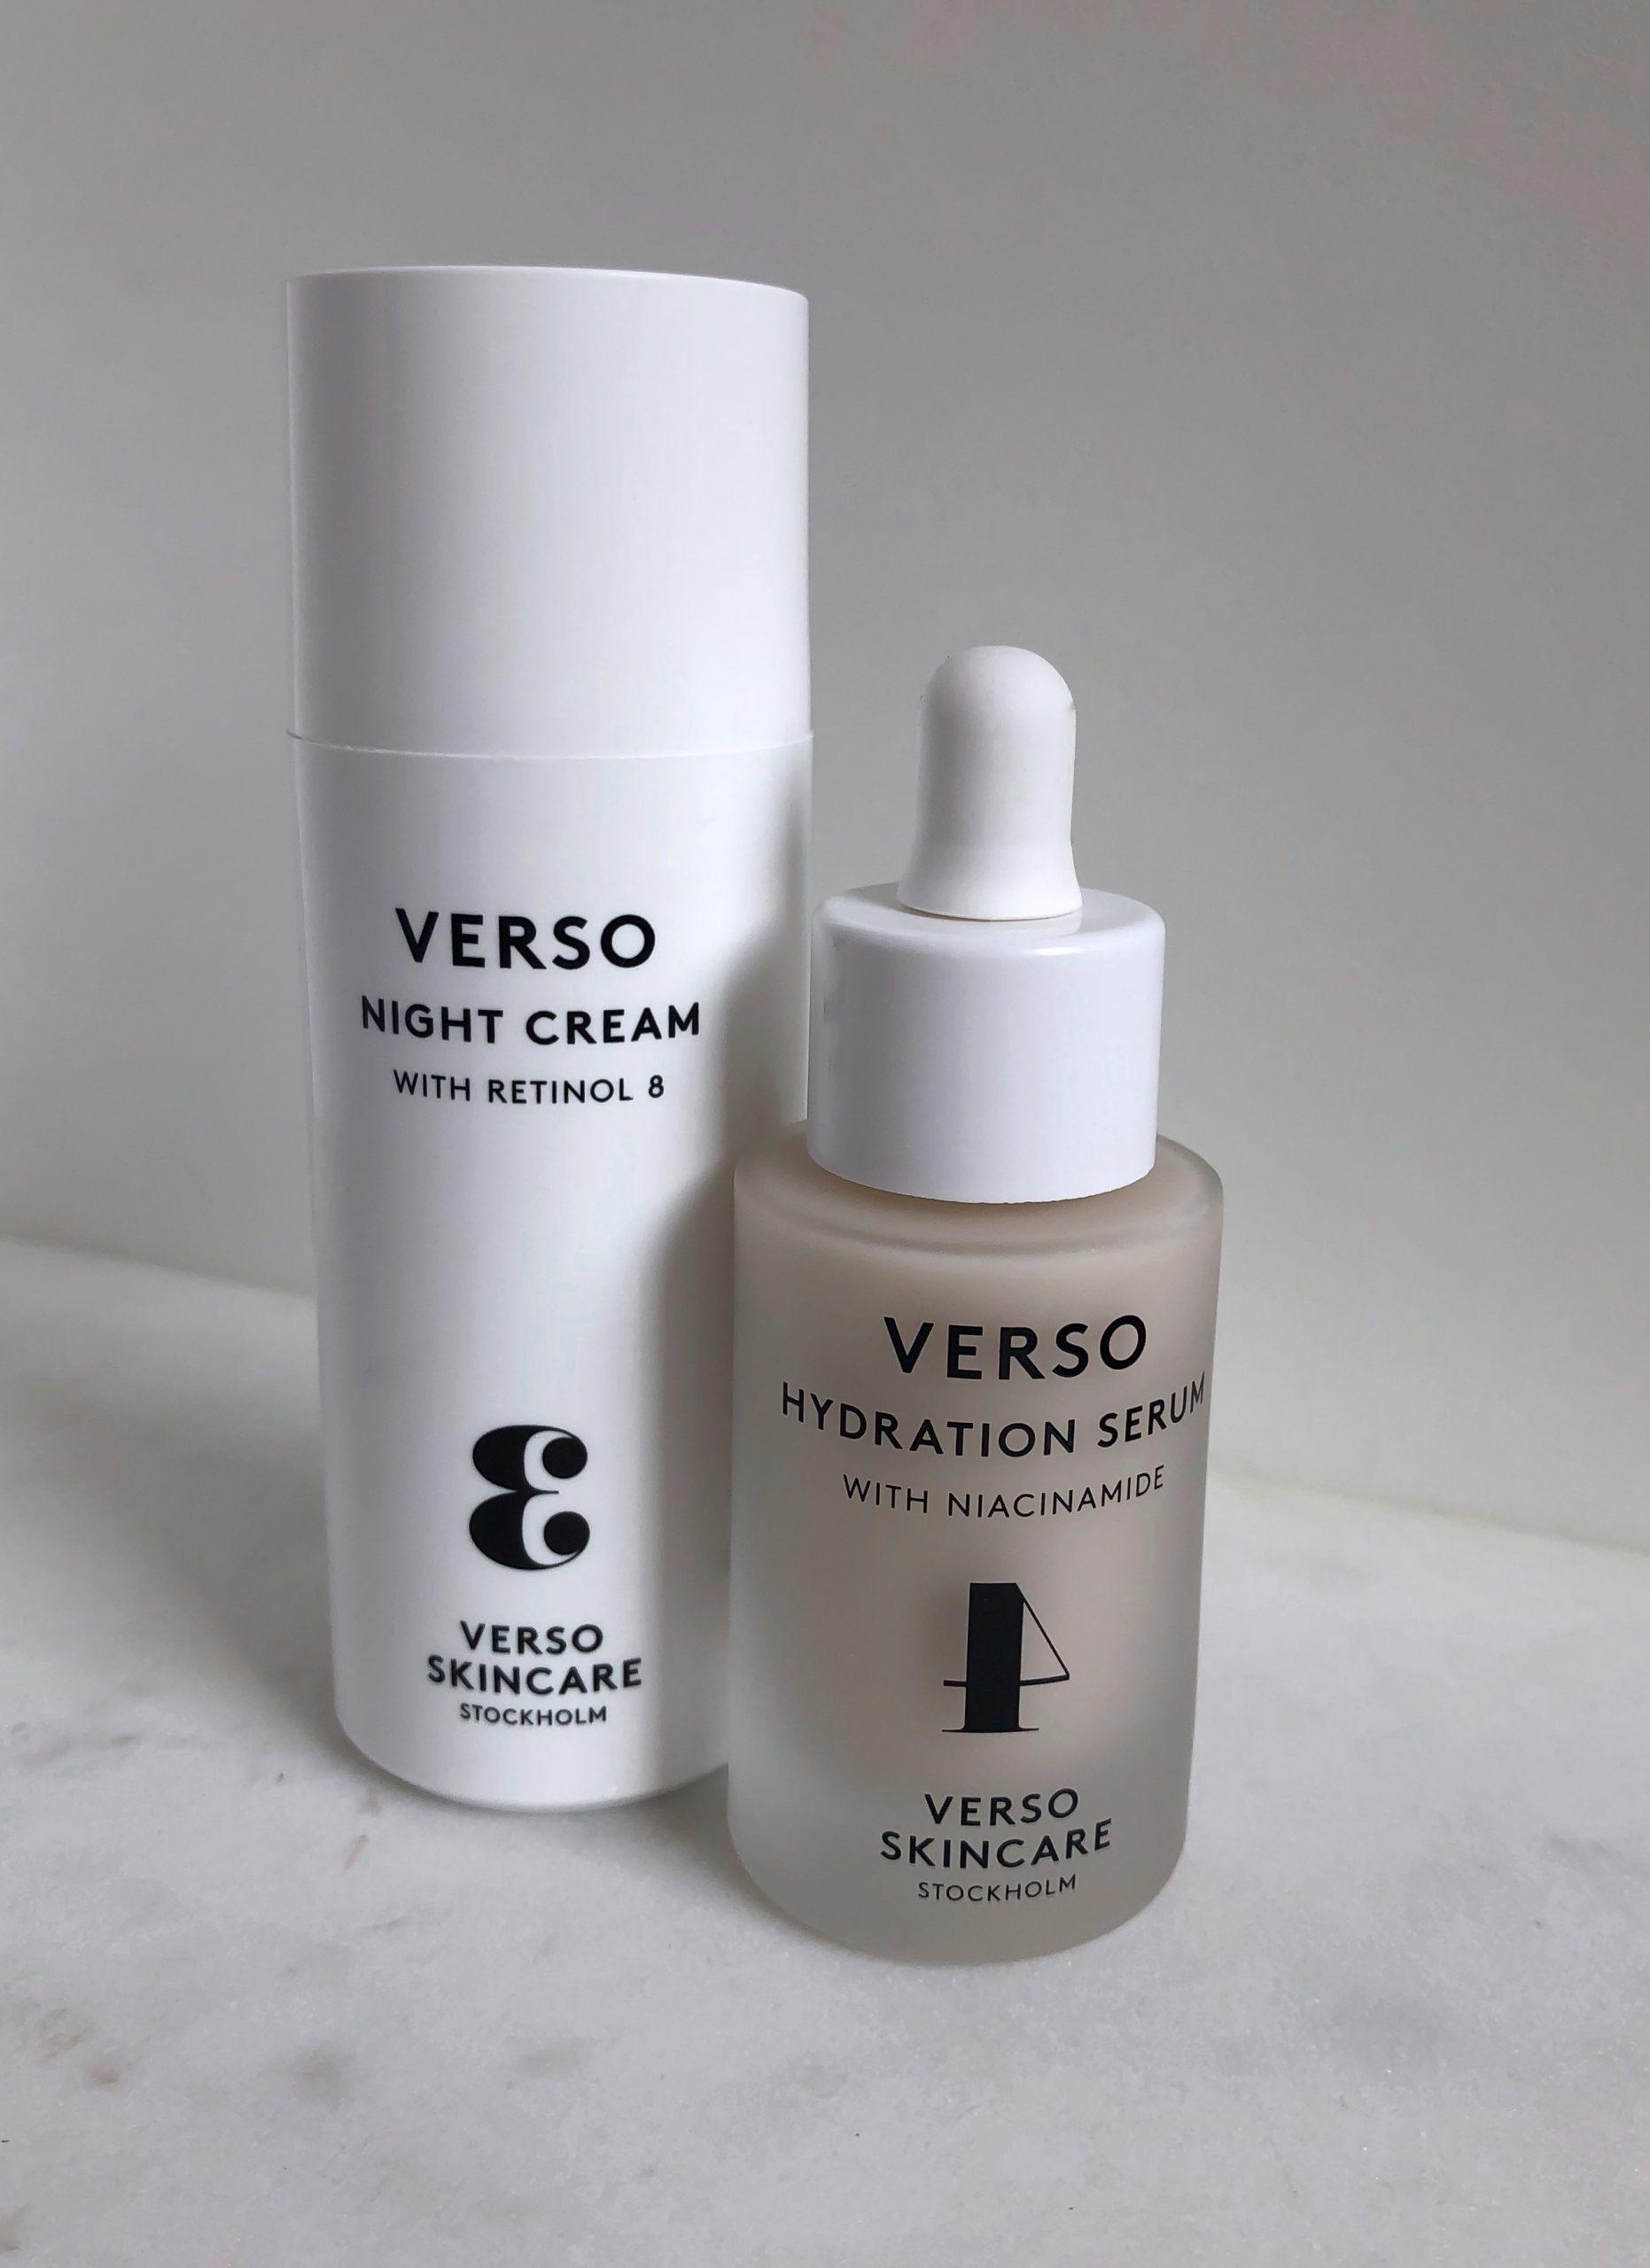 Verso Night Cream Retinol 8_Recenzia